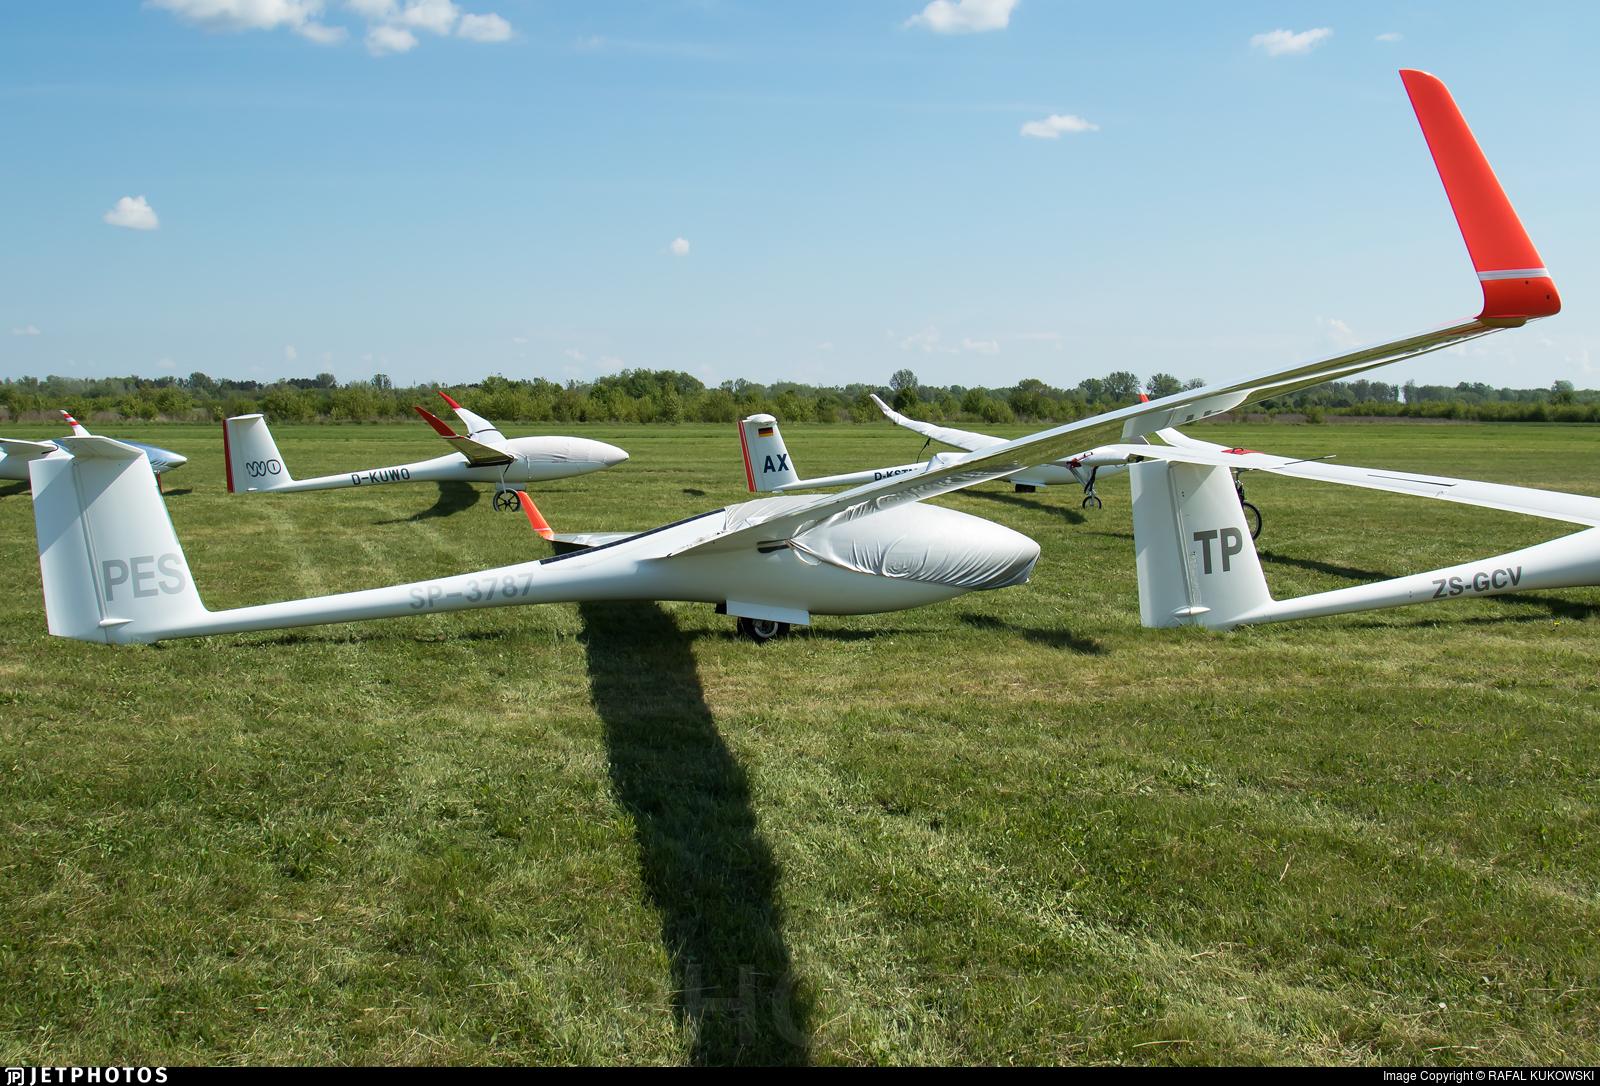 SP-3787 - Schleicher ASG-29 - Aero Club - Bielsko-Biala